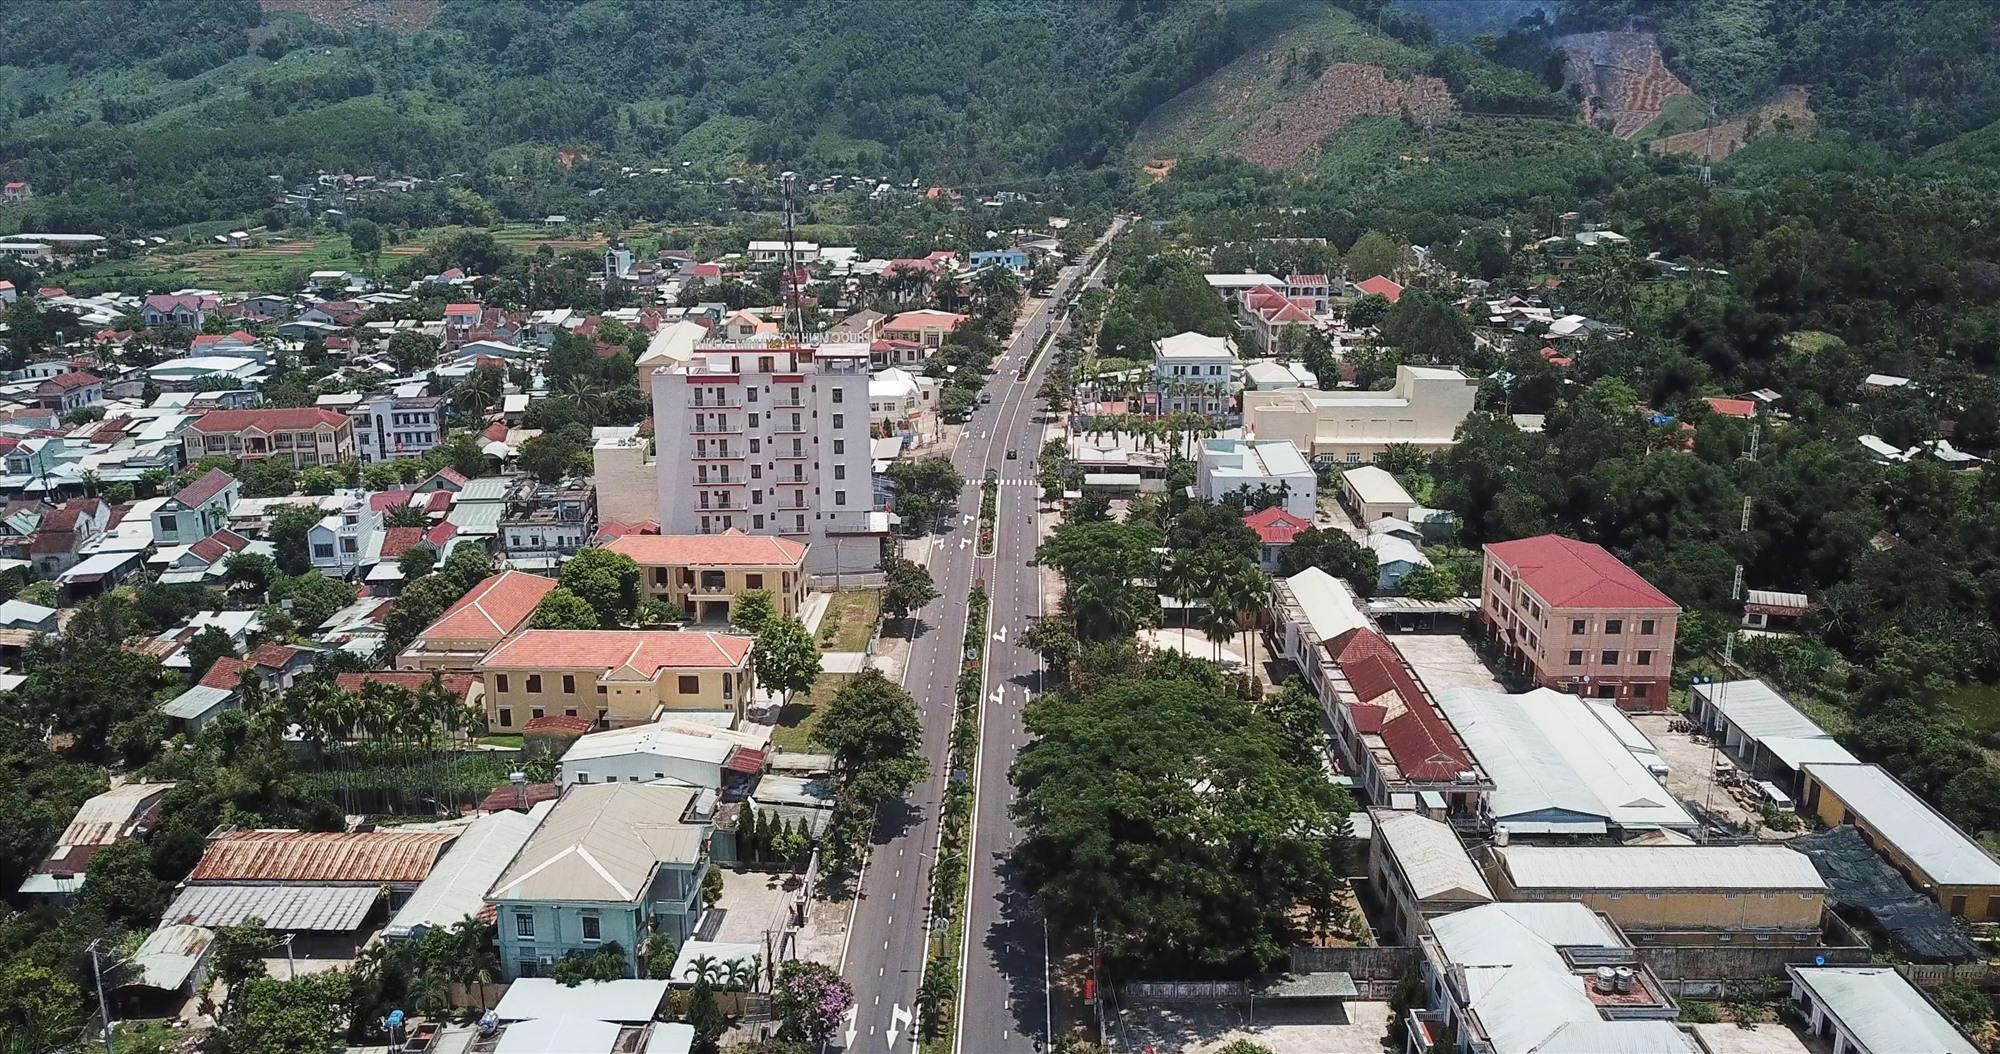 Phước Sơn phấn đấu xây dựng thị trấn Khâm Đức đạt chuẩn đô thị loại IV vào năm 2025. Ảnh: N.C